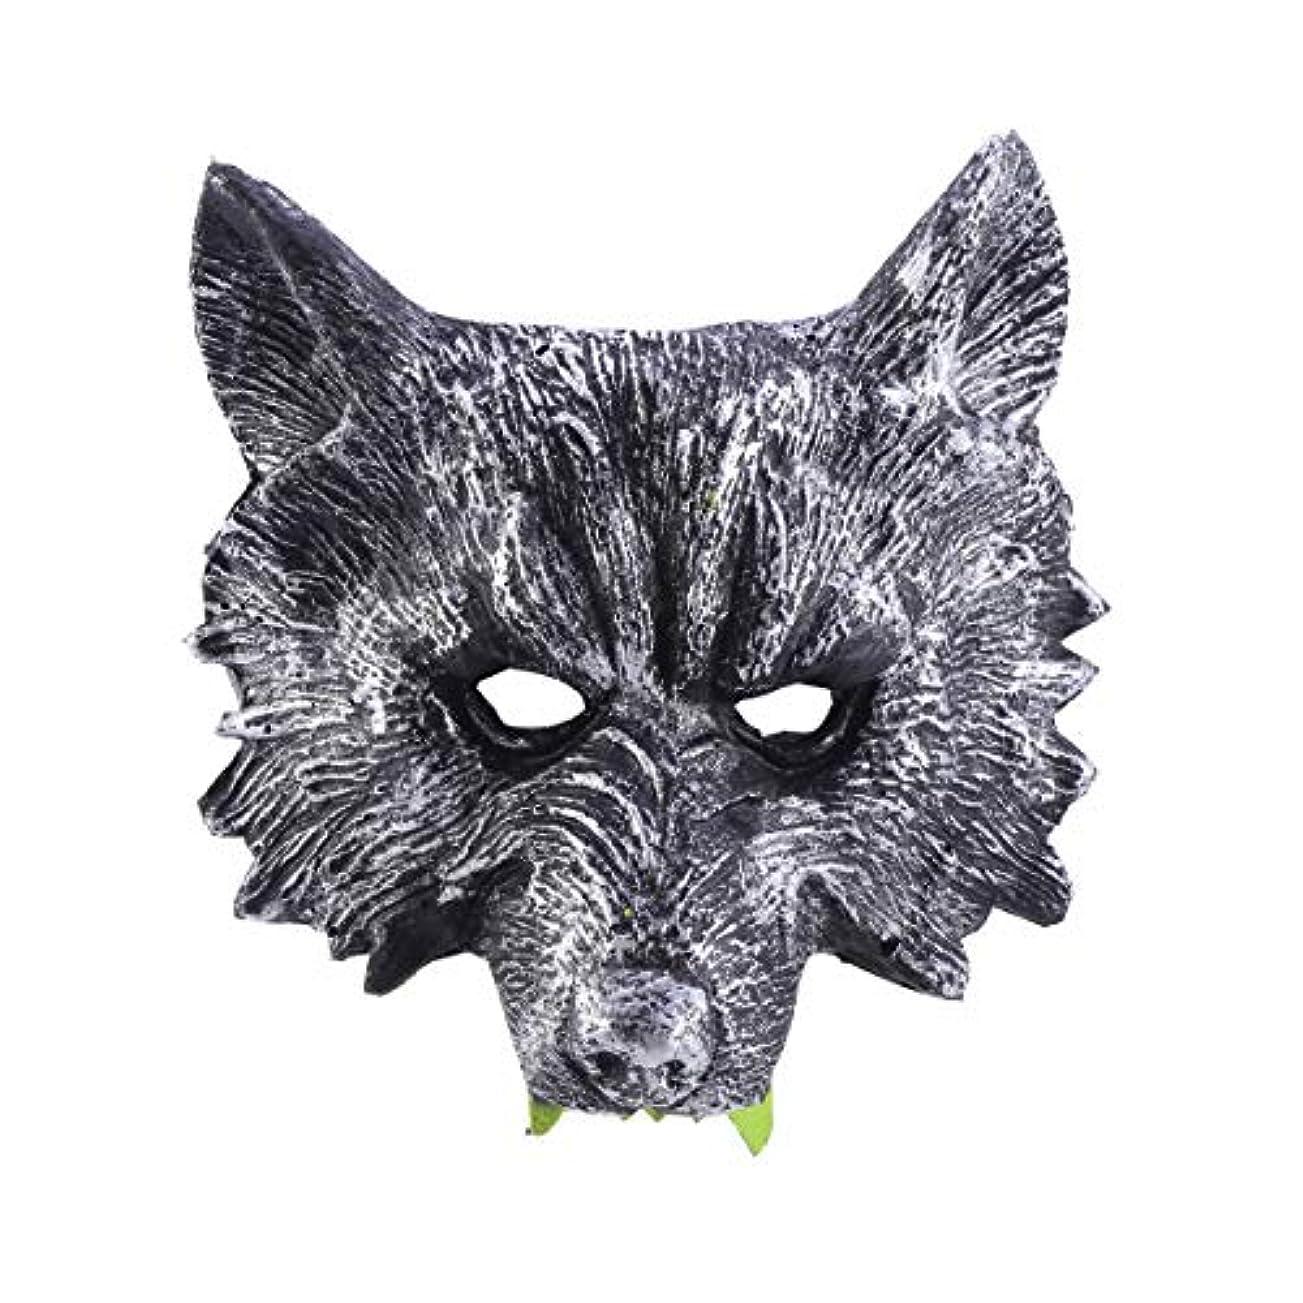 送った霧深いゼロToyvian ハロウィーン仮装パーティーのための灰色オオカミマスク